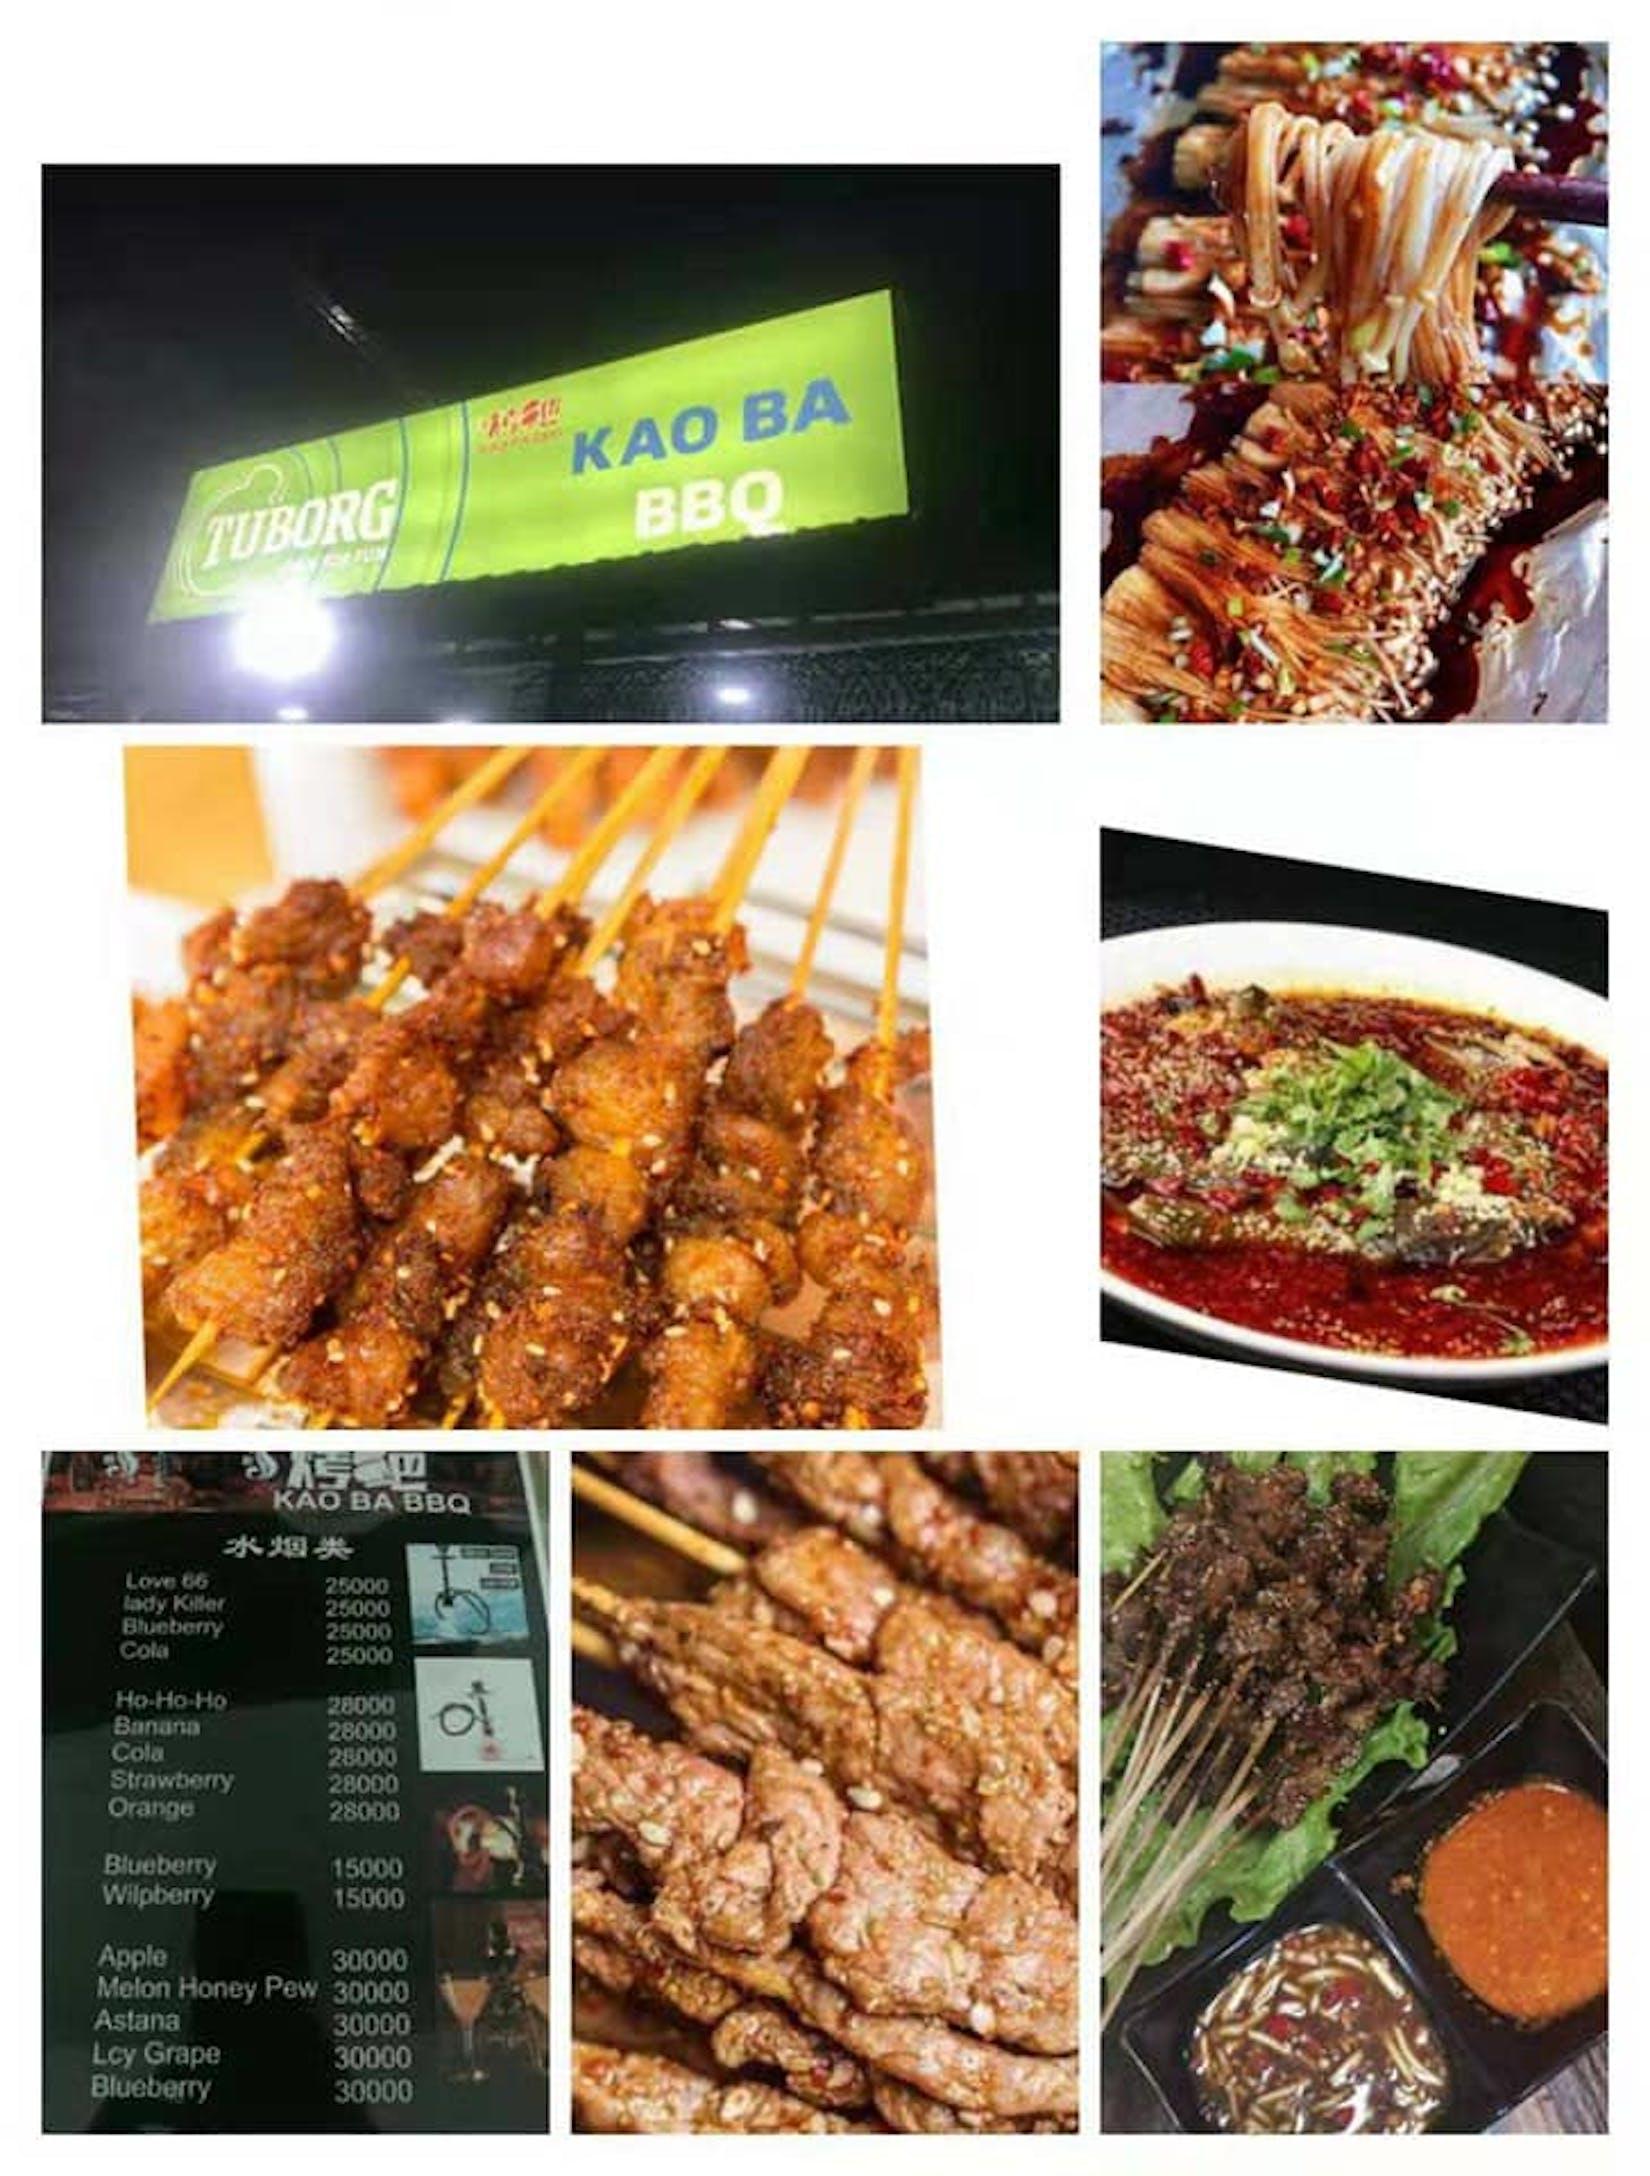 Kao Ba BBQ | yathar